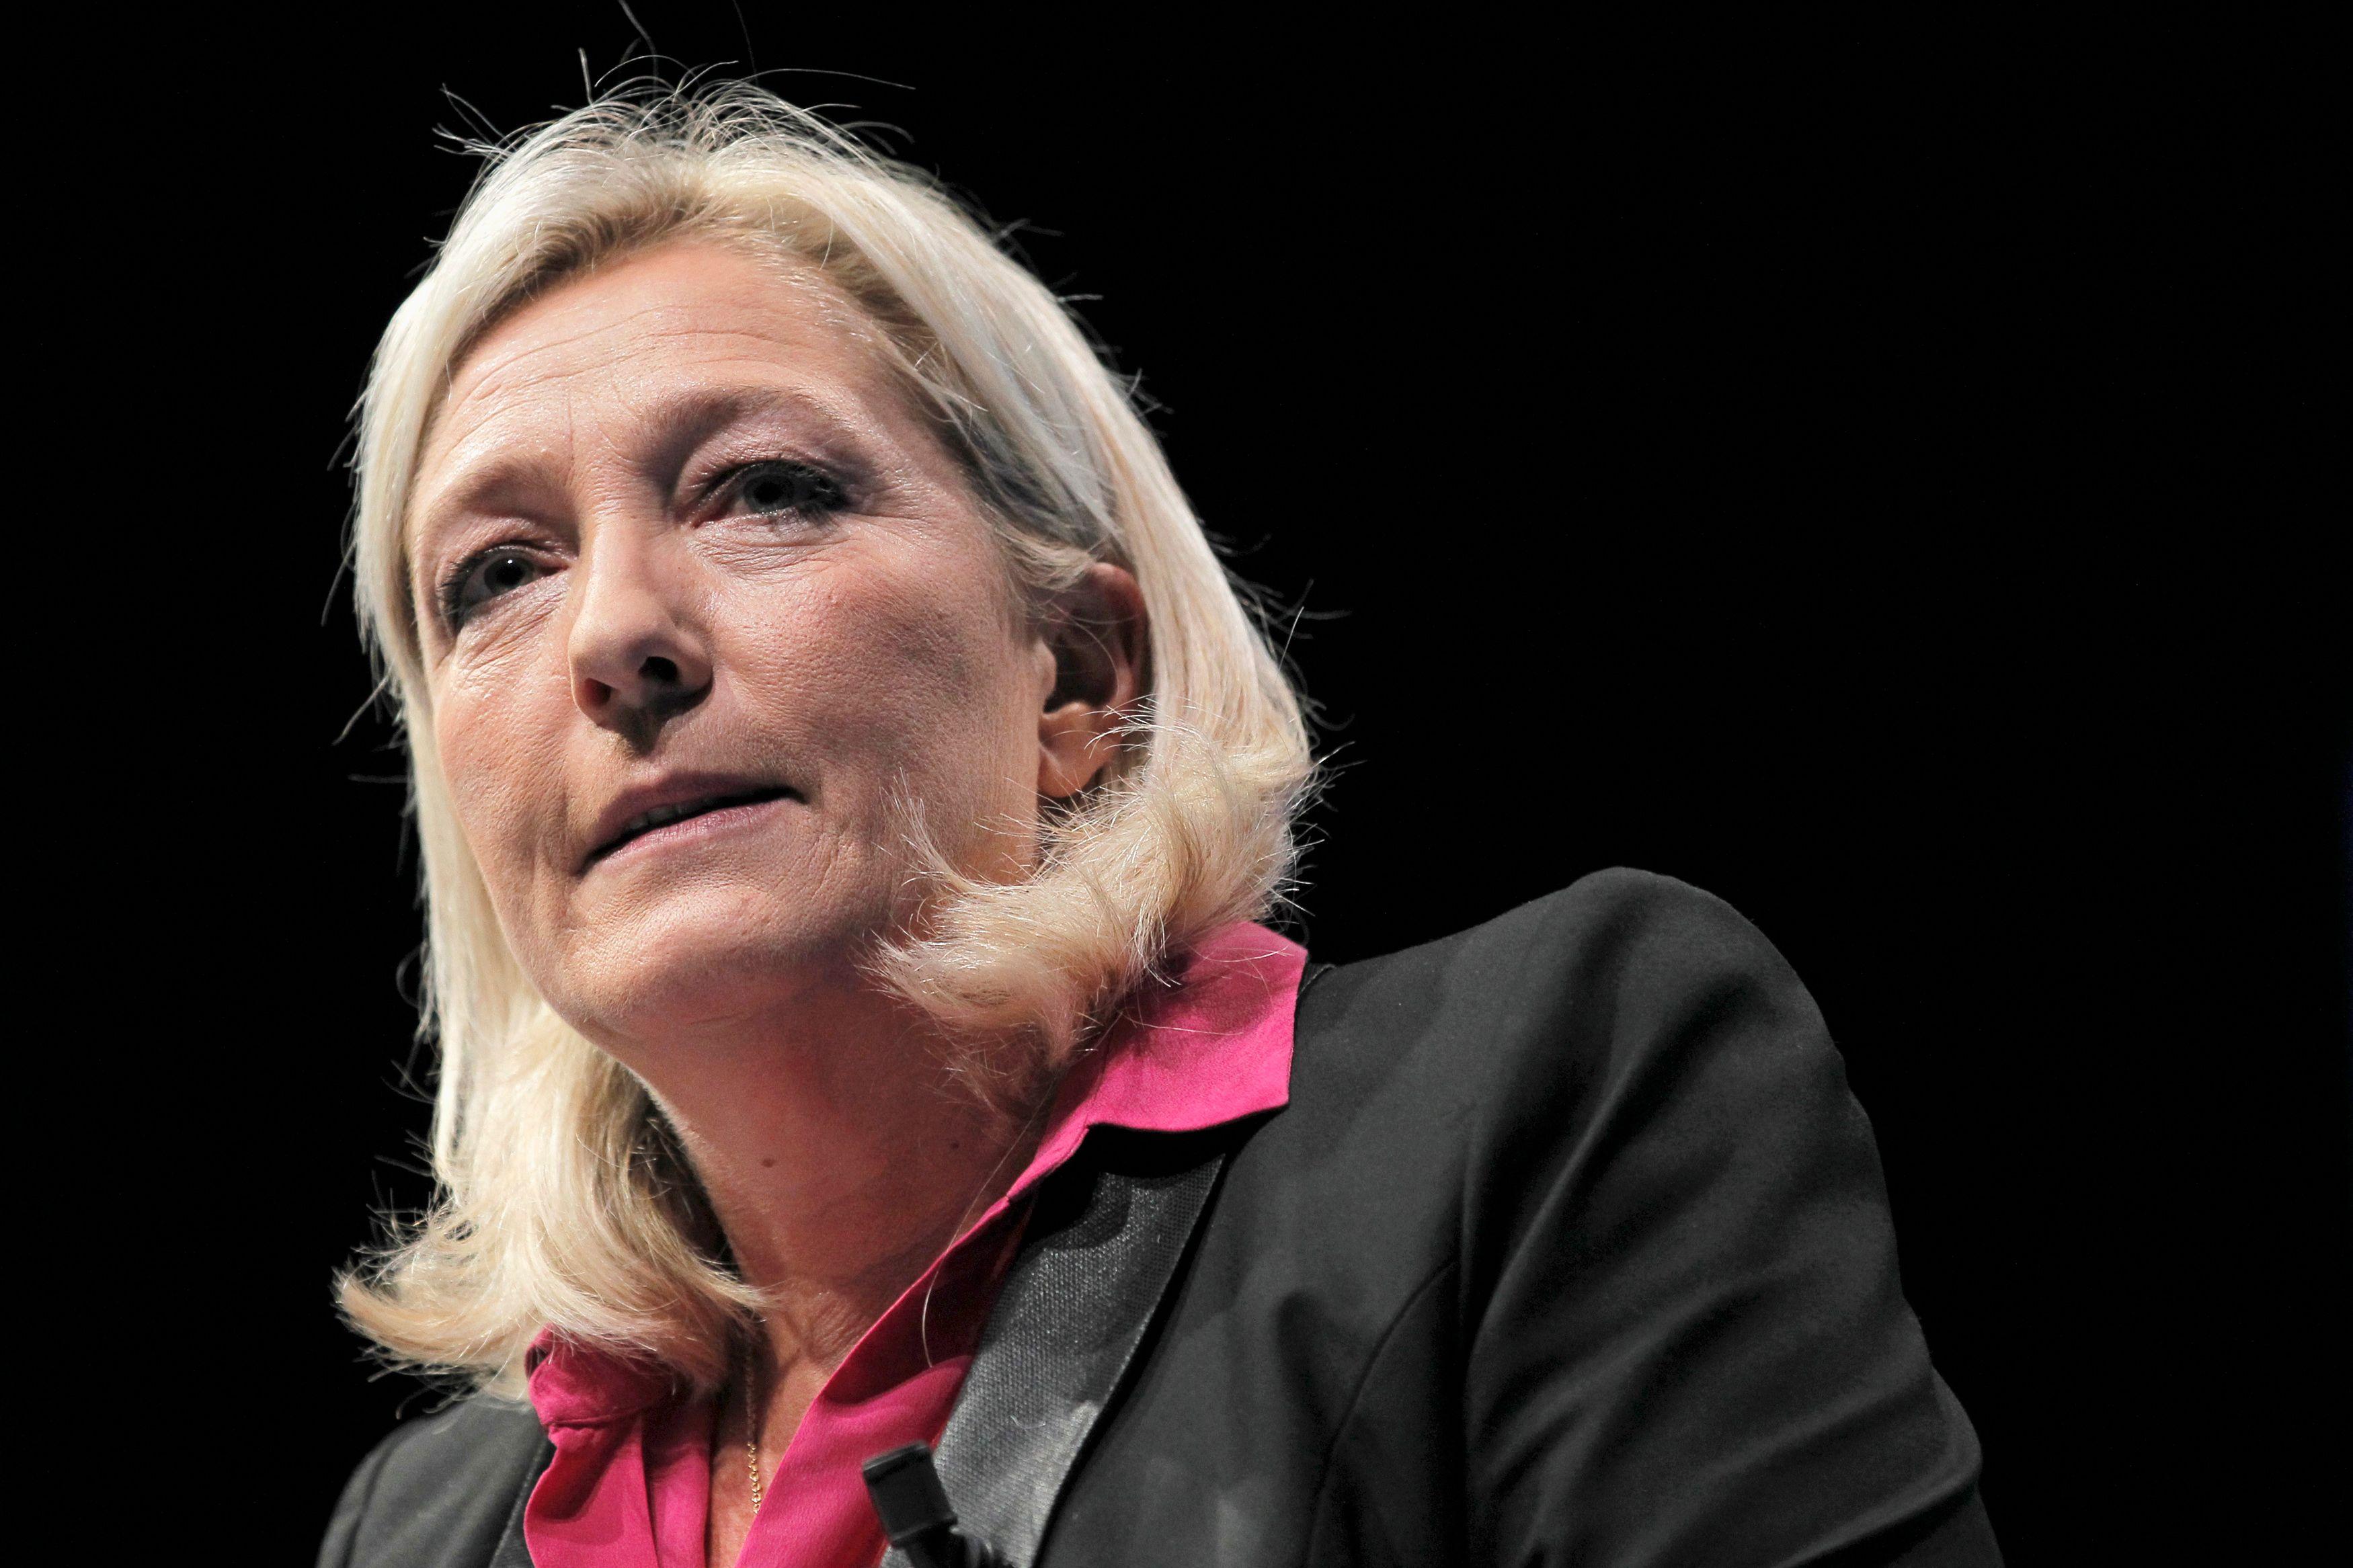 Selon un sondage, le FN recueille 18% des intentions de vote pour les élections européennes, juste derrière l'UMP (19%).